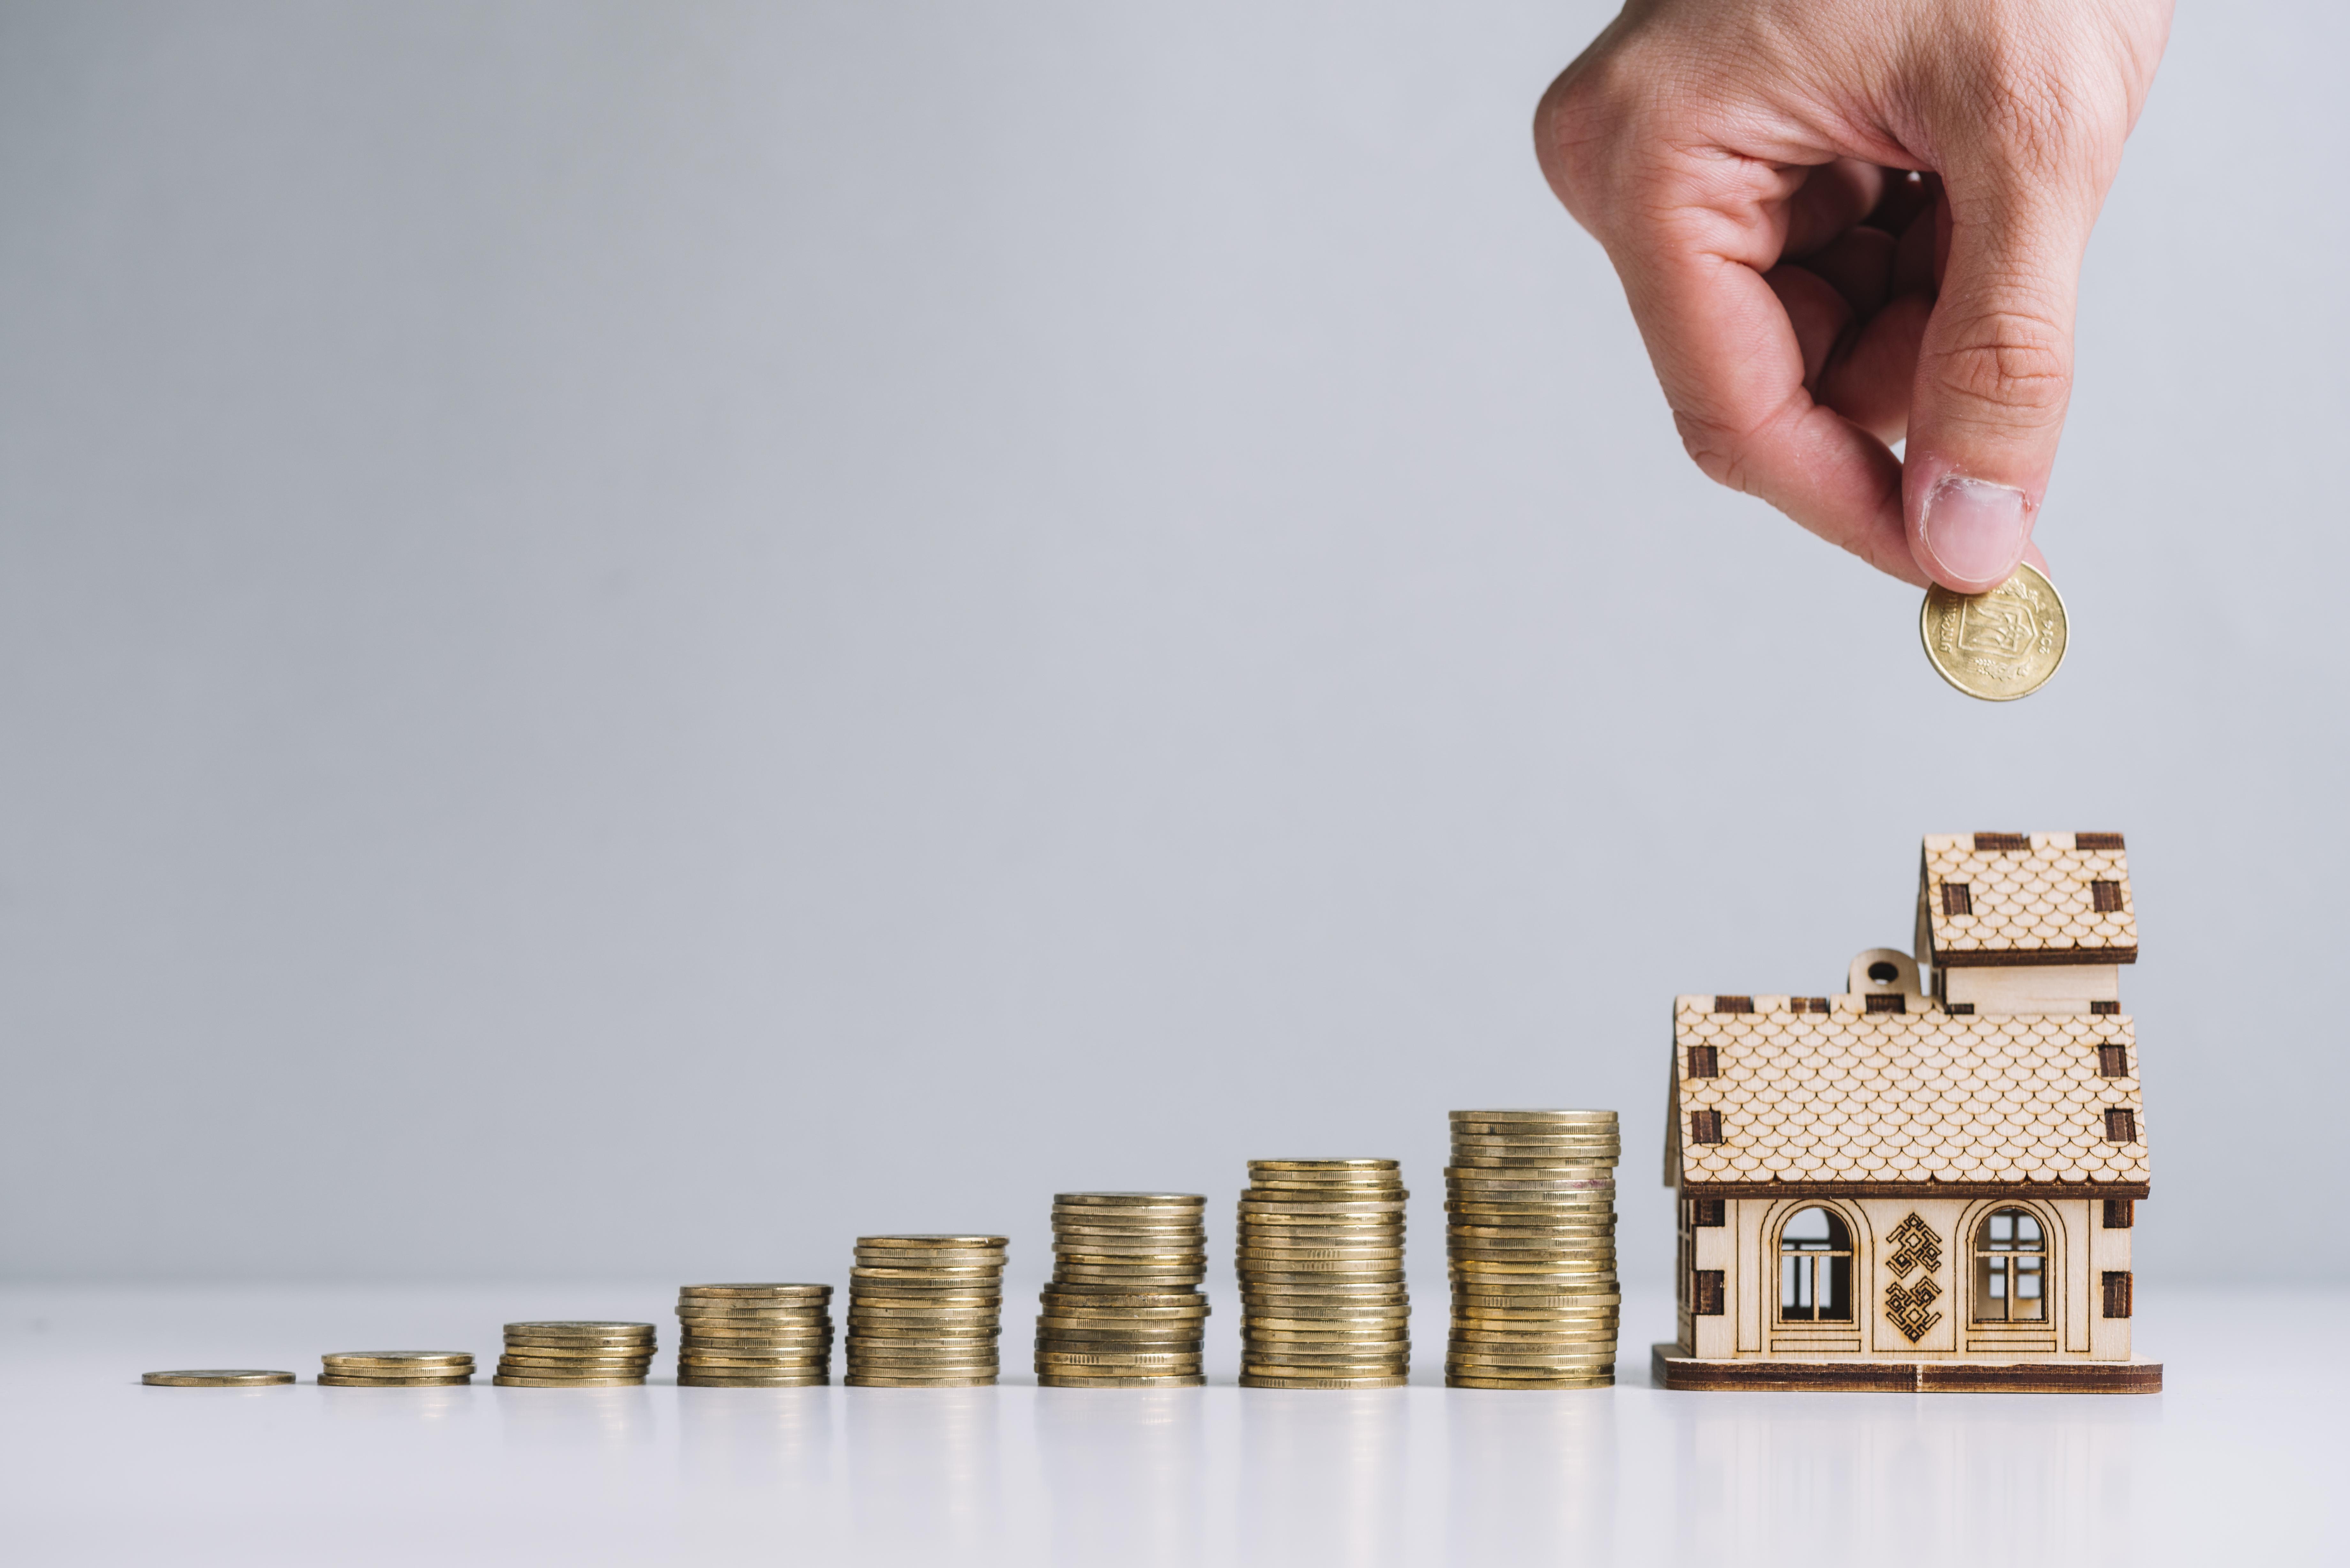 Chiến lược hợp lý nên là góp vốn đầu tư chung bất động sản